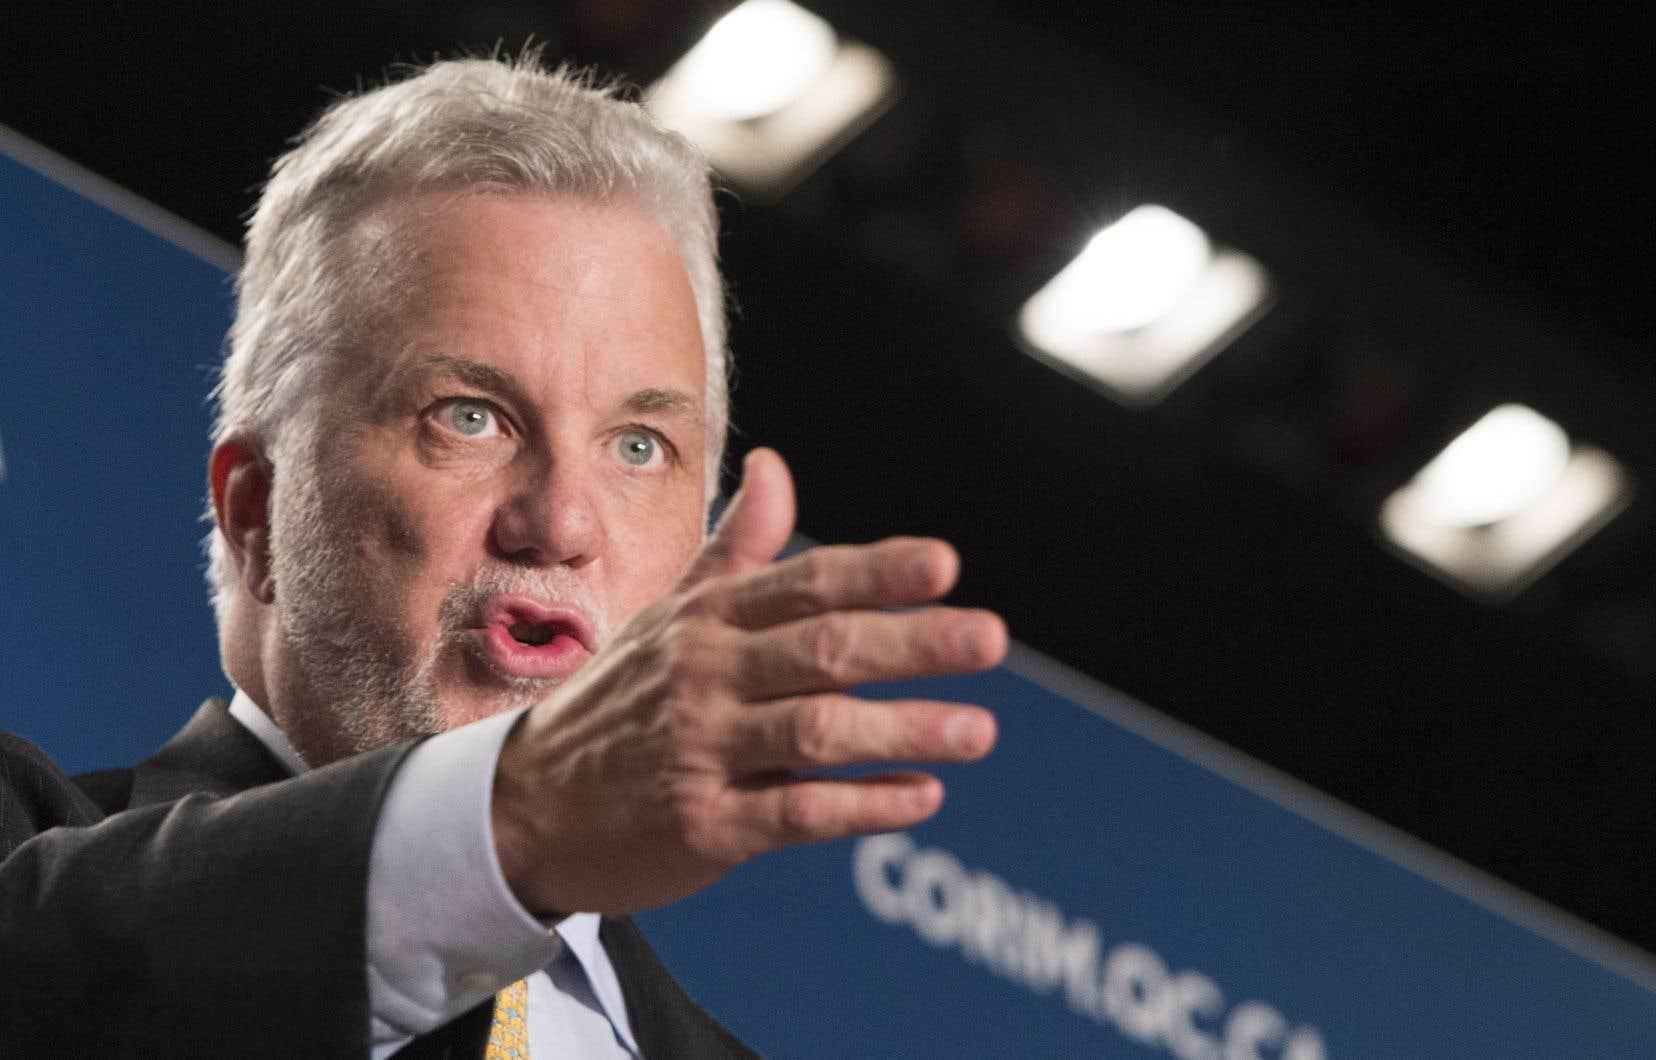 Le premier ministre du Québec, Philippe Couillard, plaide pour la coexistence des nations.